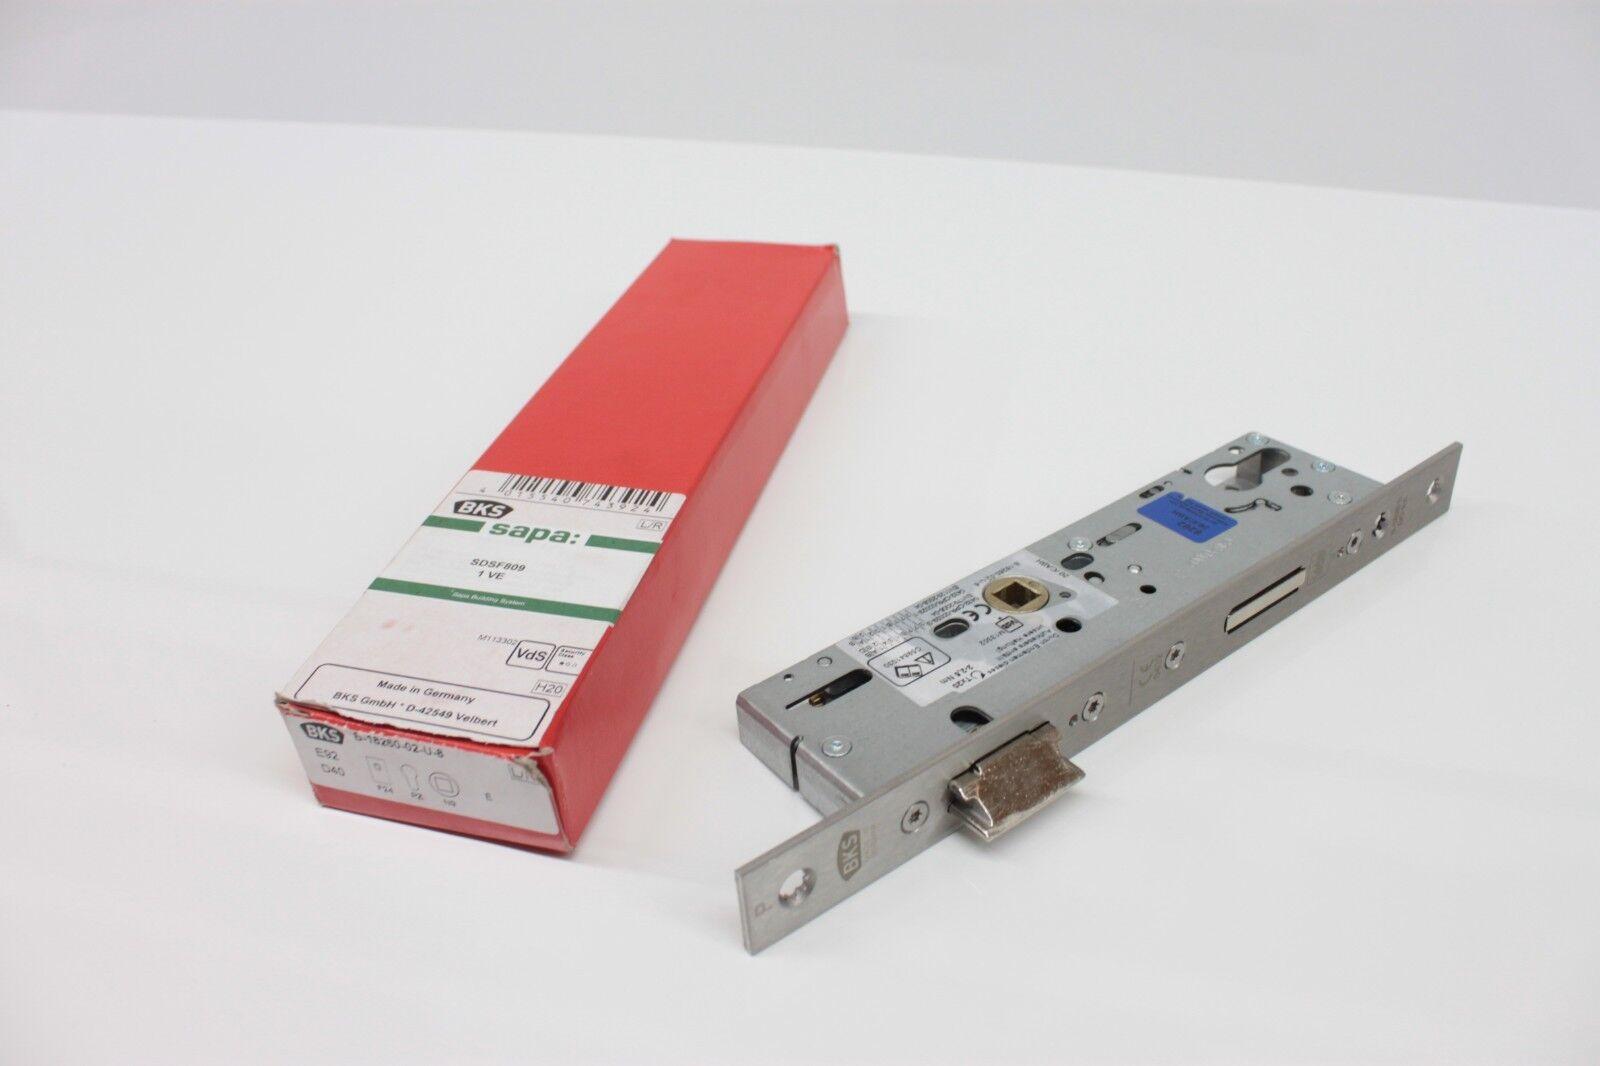 BKS 18260-02-U-8 RR Panikschloss 40 mm Dorn DIN L   DIN R Funktion E  | Nicht so teuer  | Exquisite (mittlere) Verarbeitung  | Konzentrieren Sie sich auf das Babyleben  | Qualität Produkte